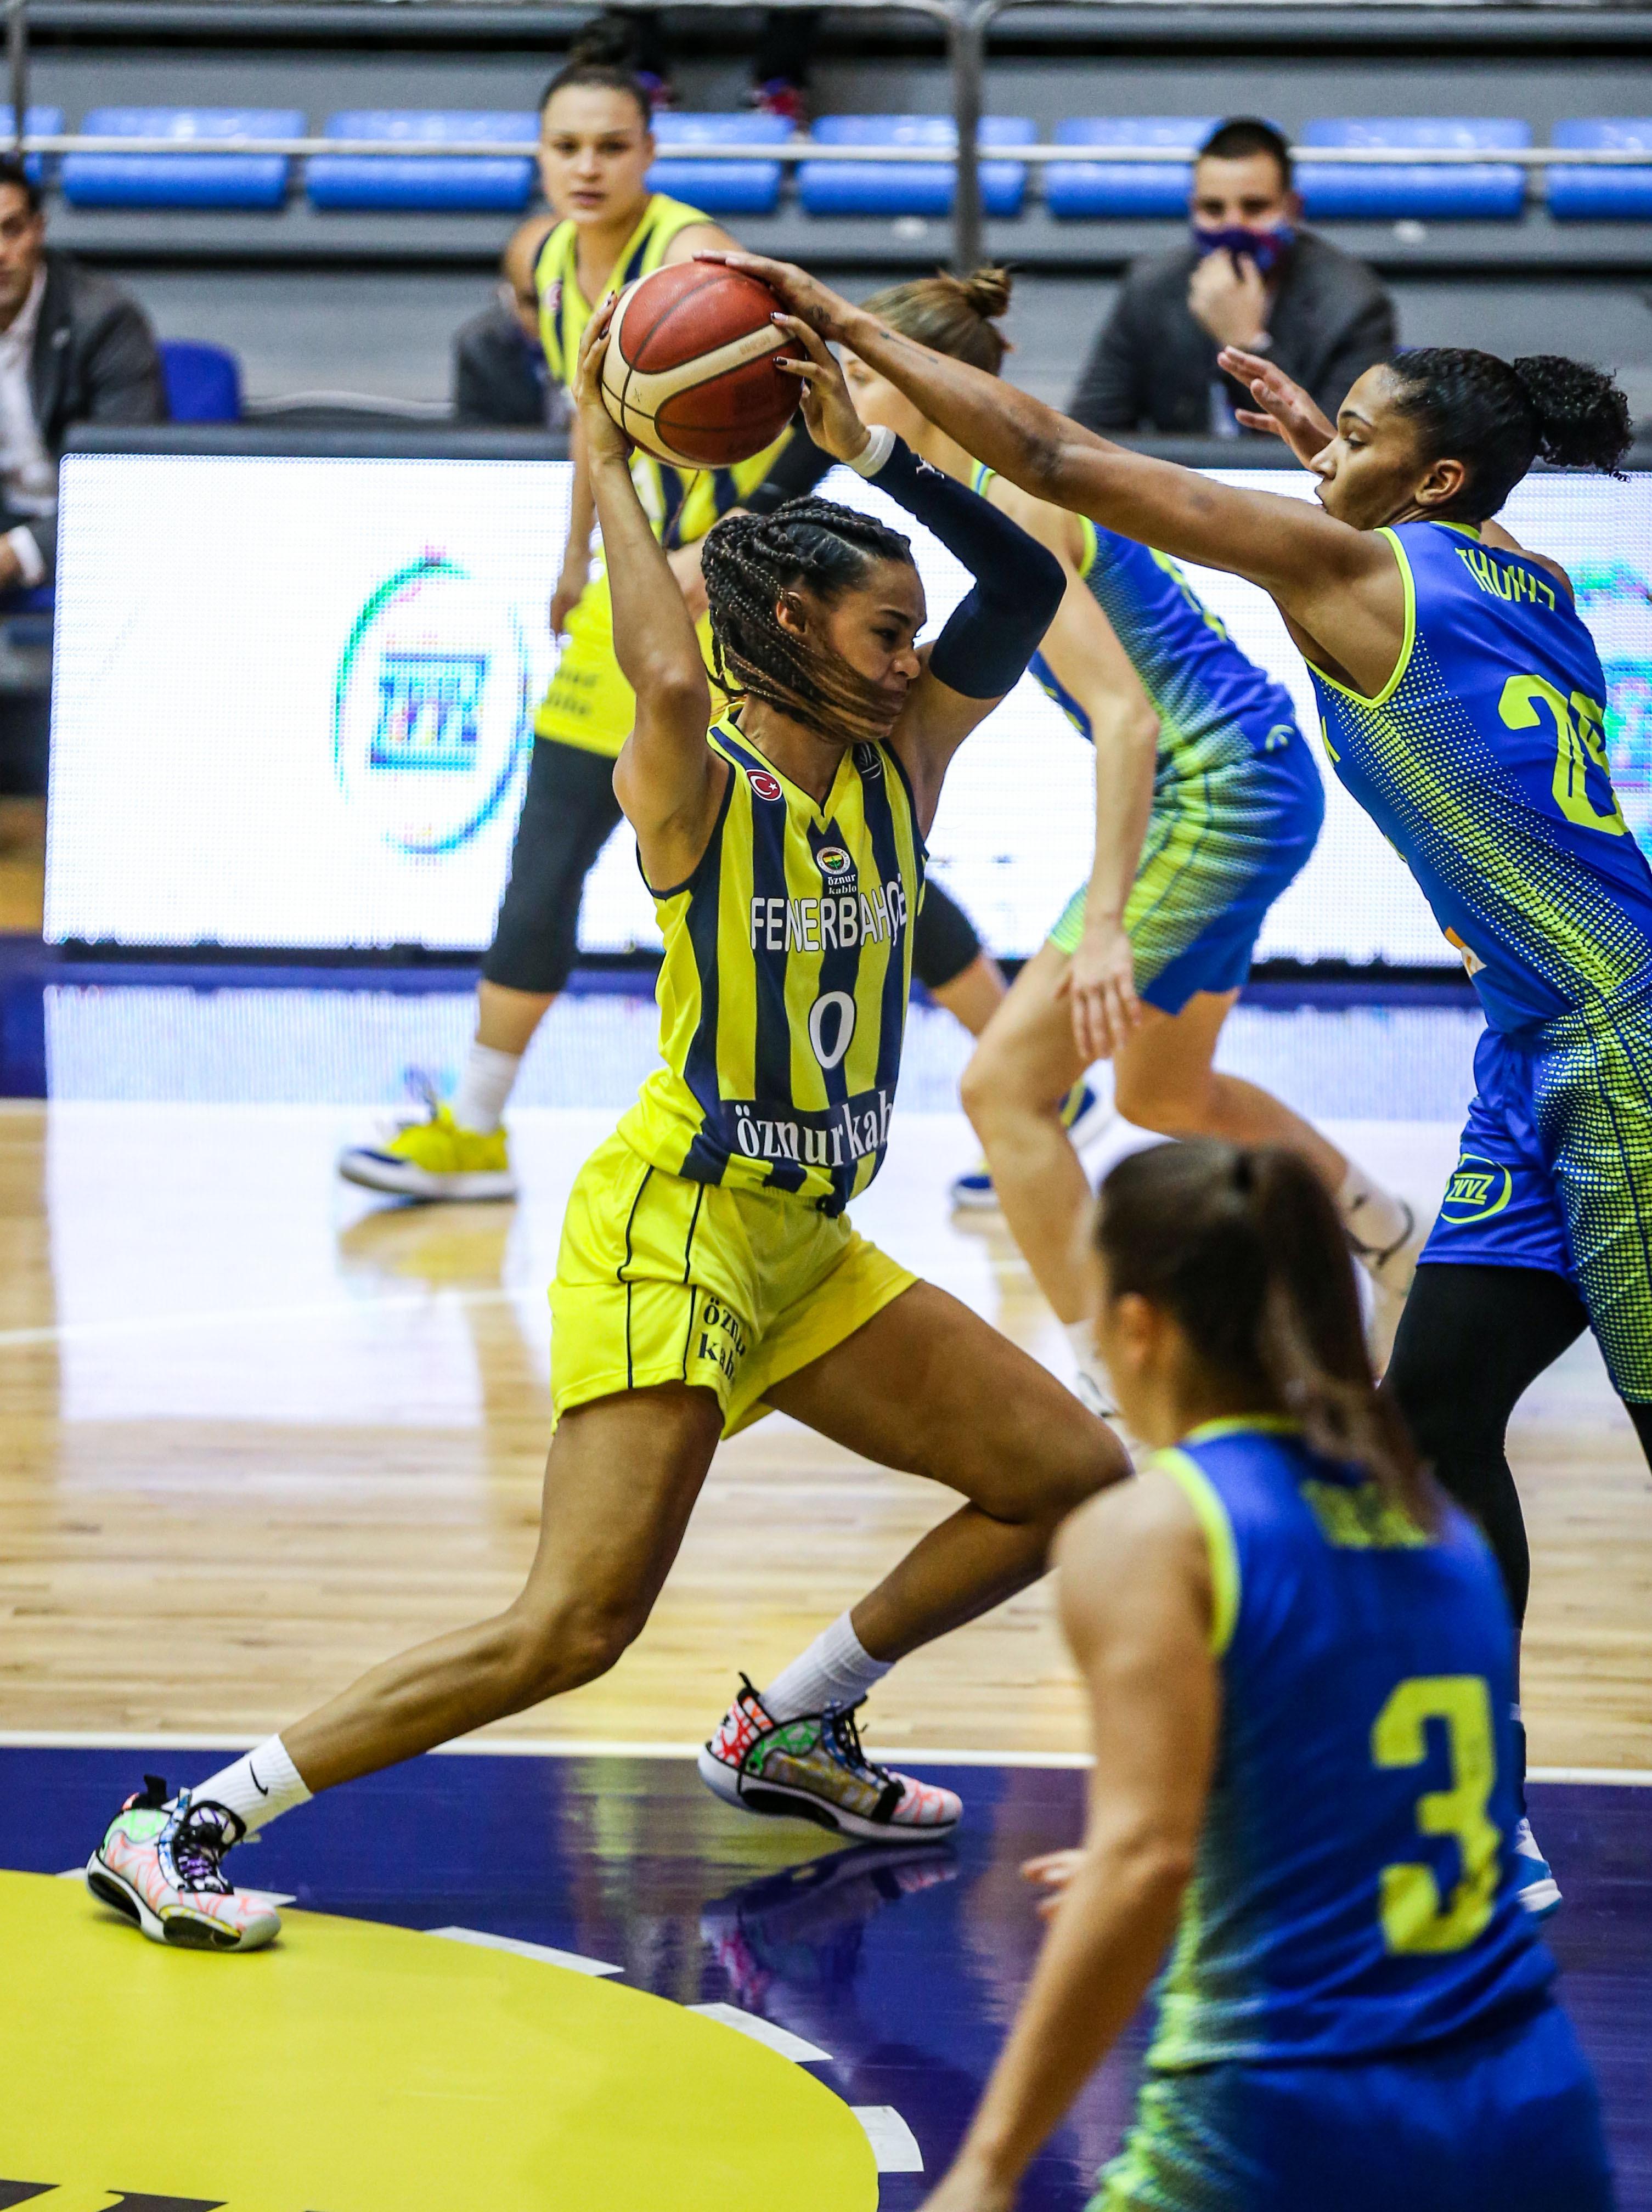 Fenerbahce Oznur Kablo v USK Praha - FIBA EuroLeague Women